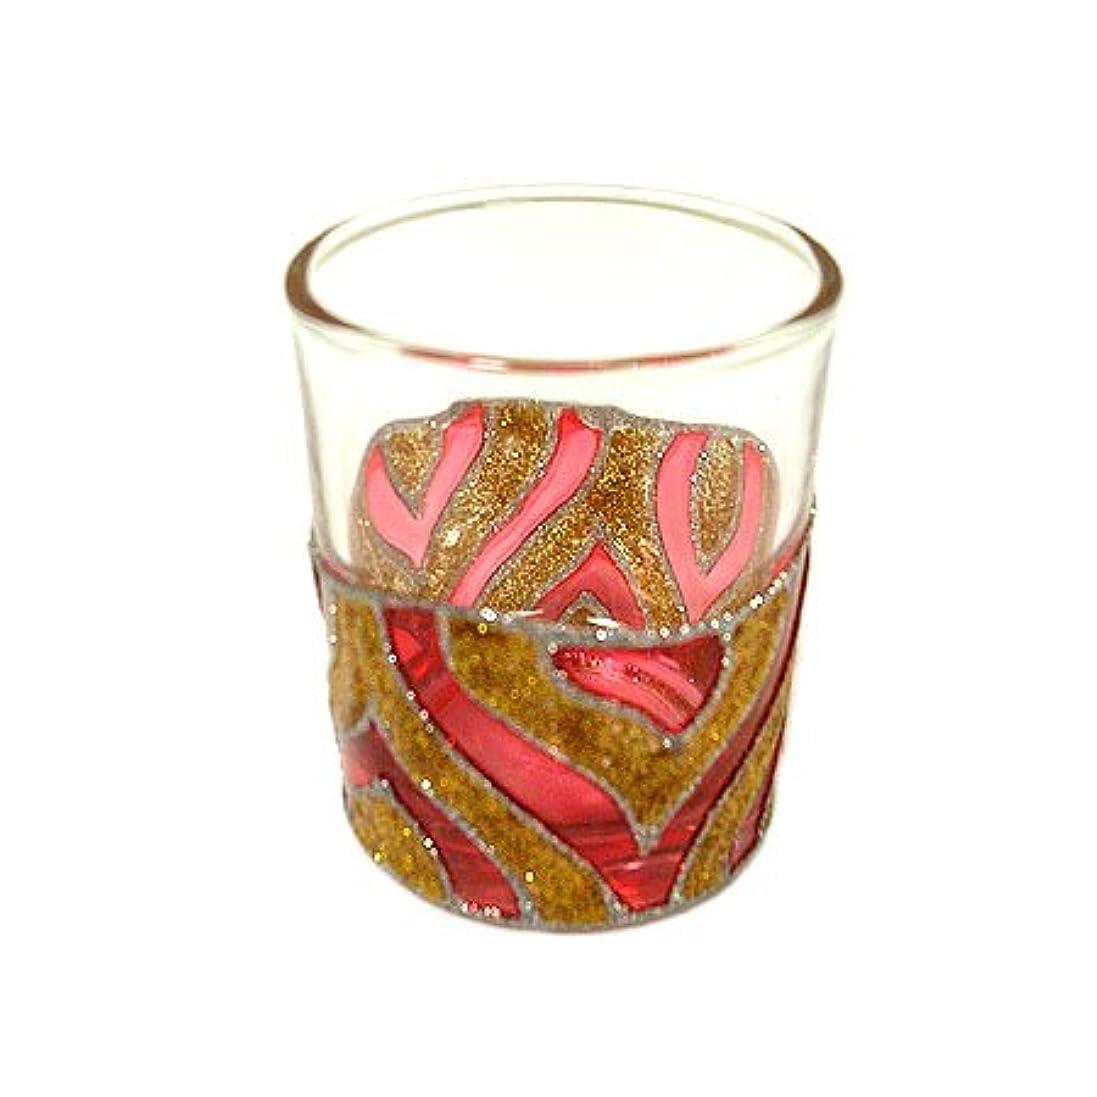 サイレン早い毎回アジアン キャンドルホルダー カップ グラス 花柄 ゴールドレッド アジアン雑貨